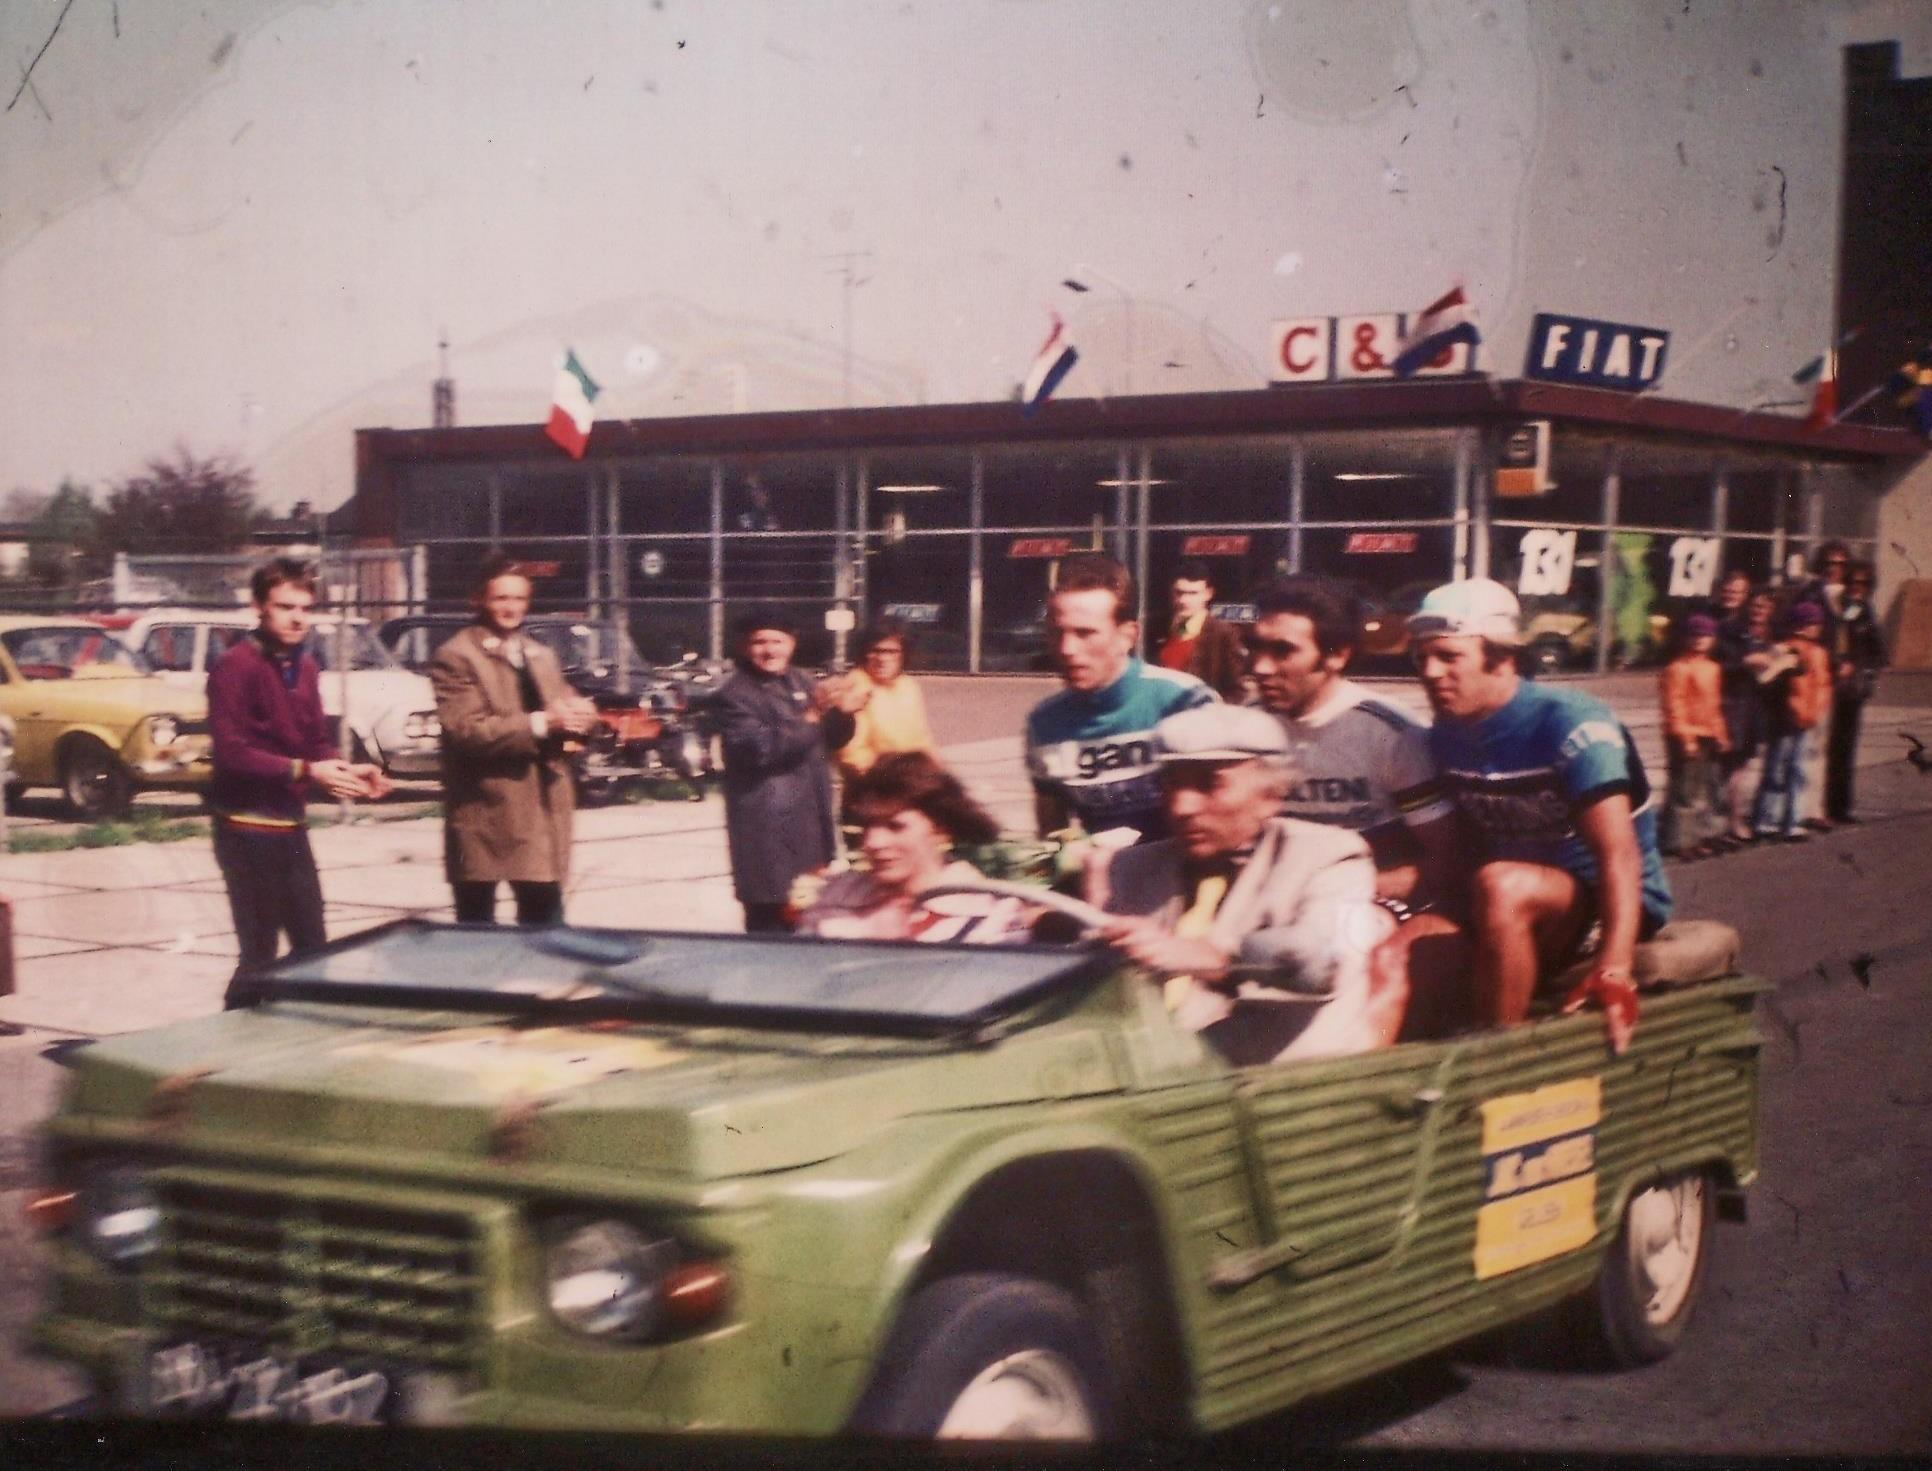 huldiging-Eddy-Merckx-en-Joop-Zoetemelk-crirterium-burgemeester-lemmensstraat-1971-voor-Caumans-Schepers